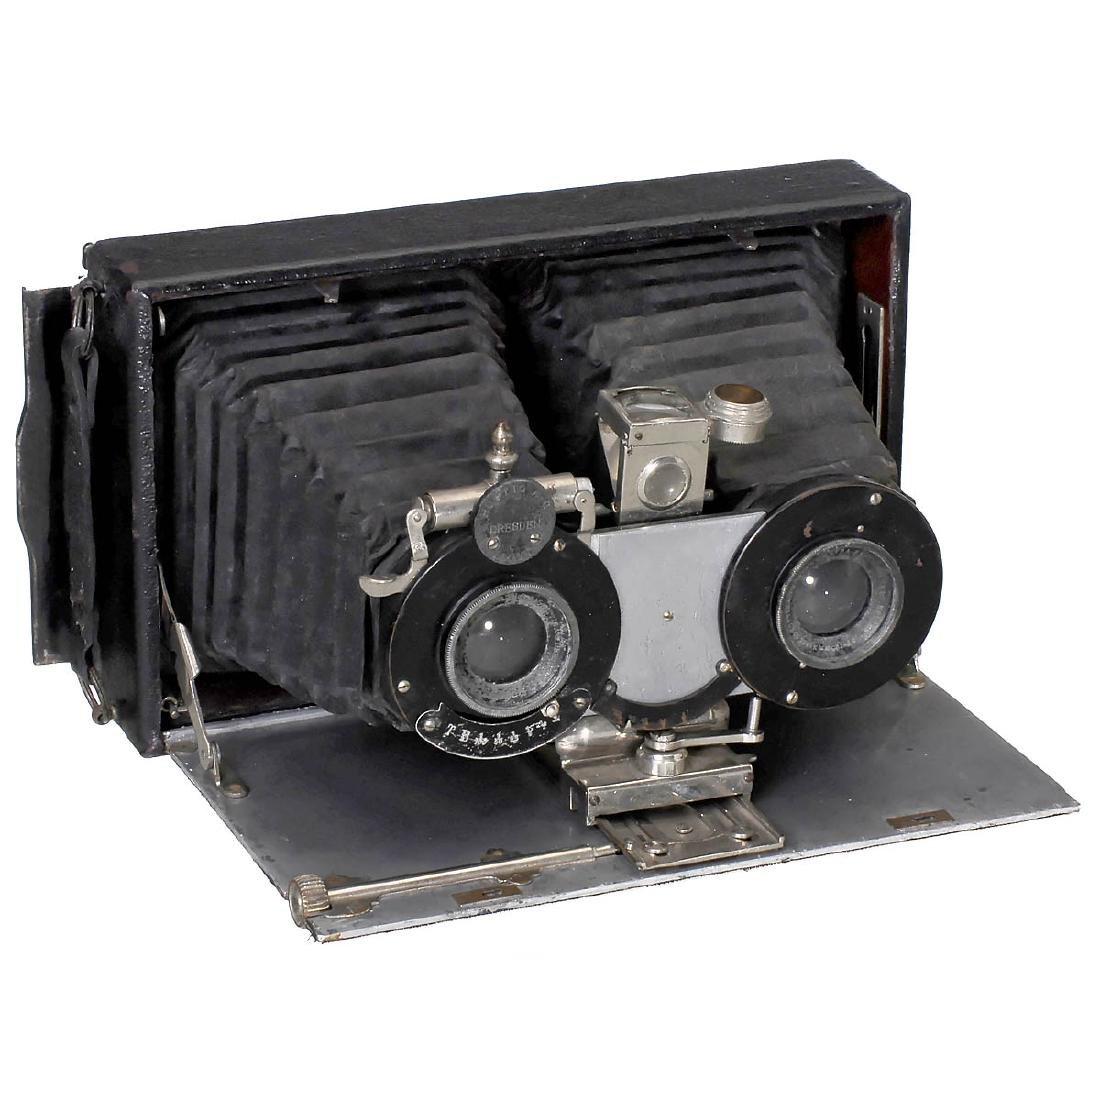 Hüttig Ideal Stereo 9 x 18, 1907